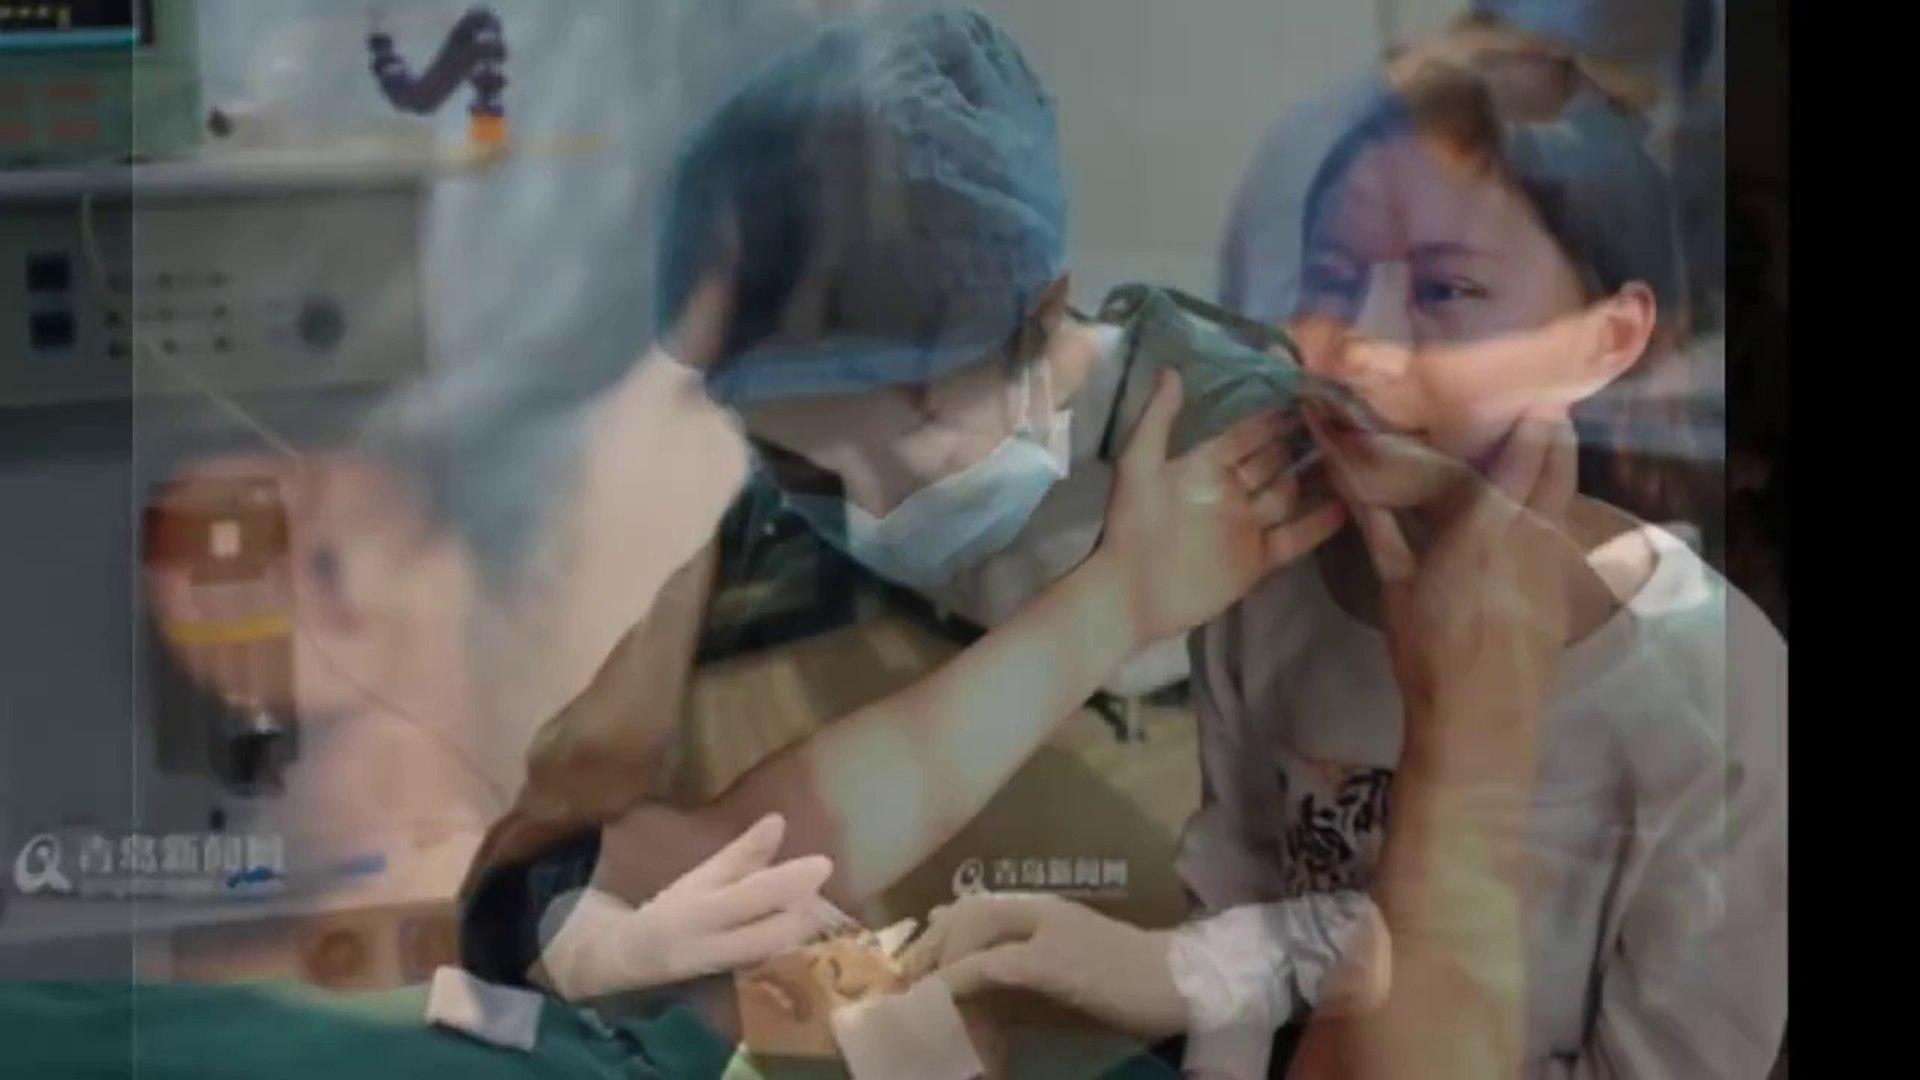 Tin tức hằng ngày Cô gái Trung Quốc đại phẫu thẩm mỹ vì lười makeup